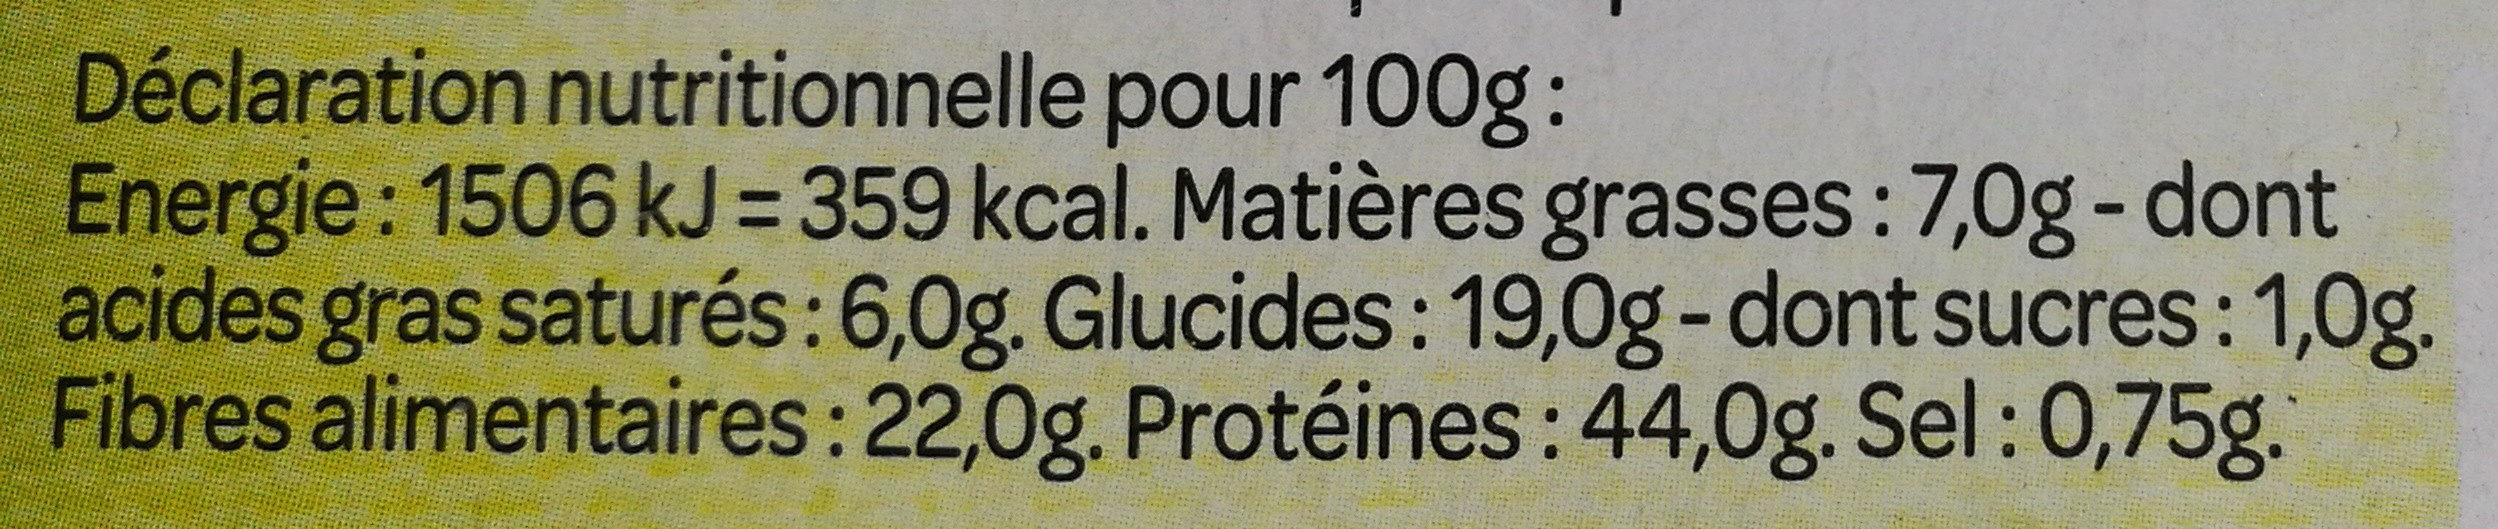 Ma levure boulangère - Informations nutritionnelles - fr